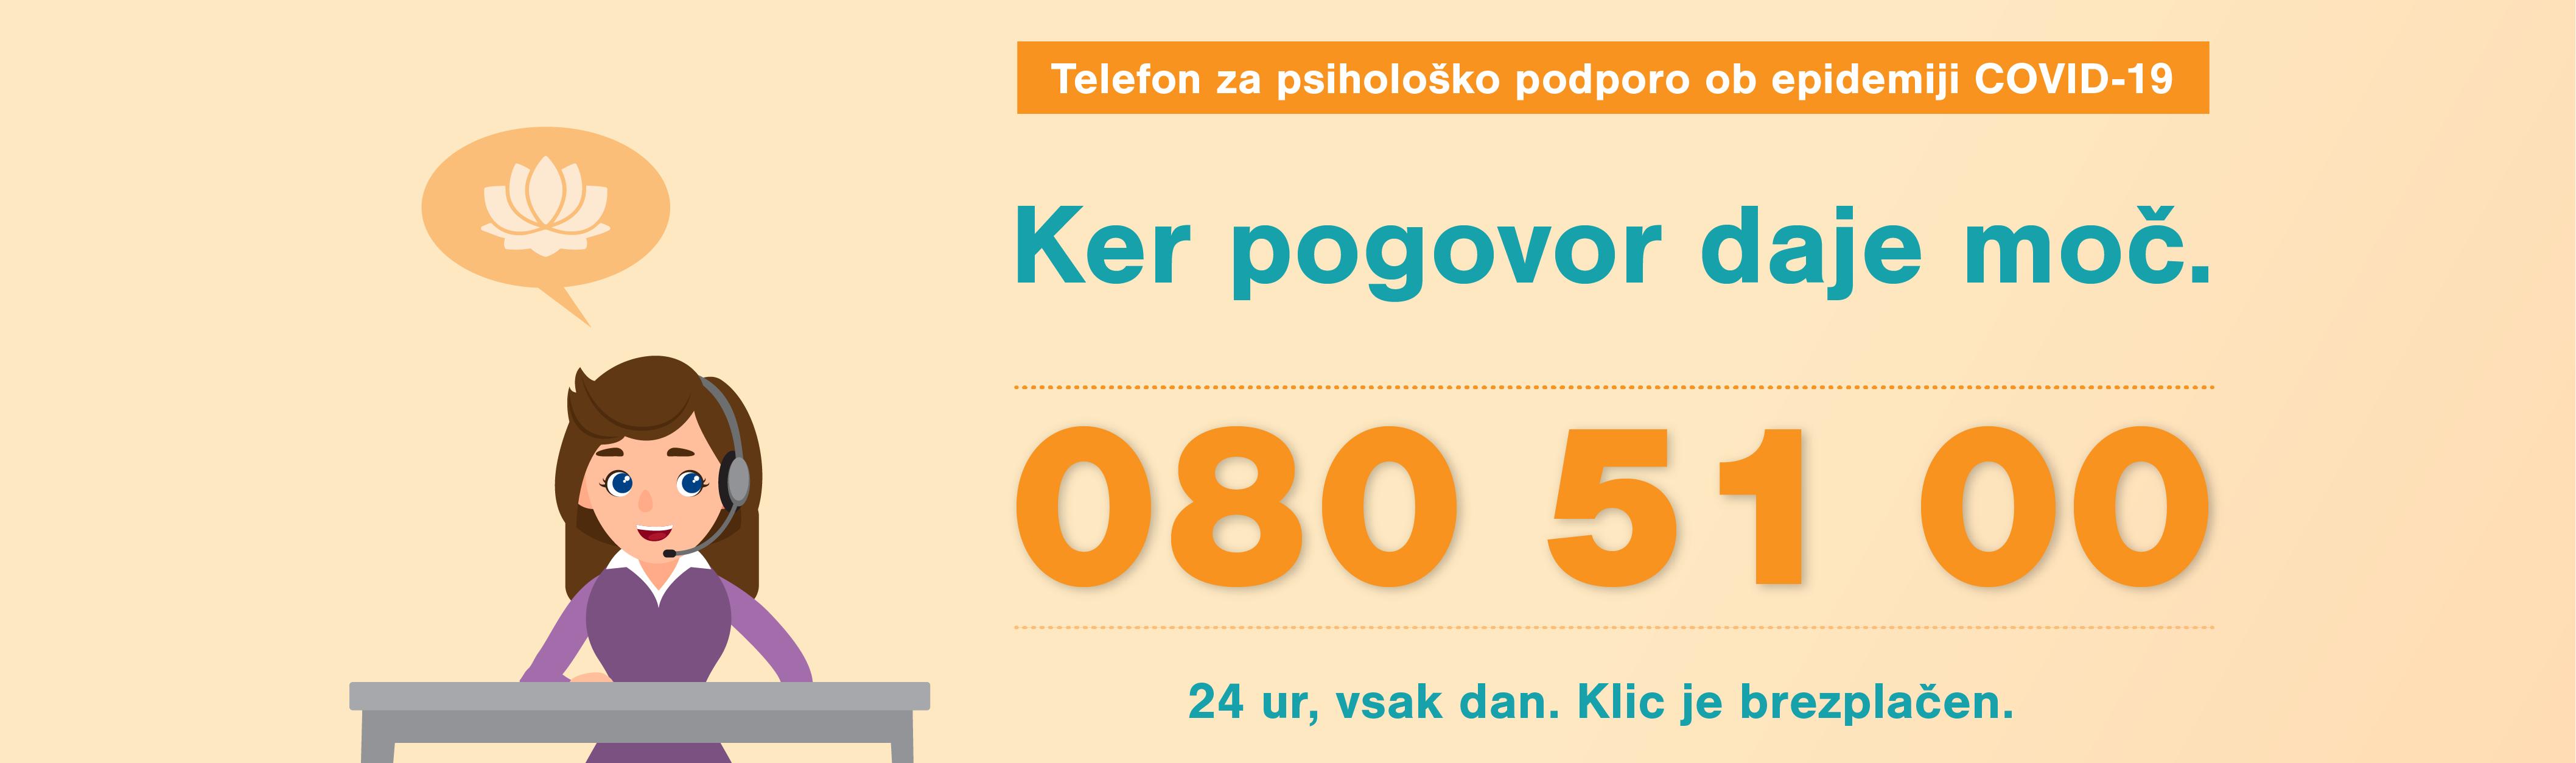 Telefonski pogovor za podporo